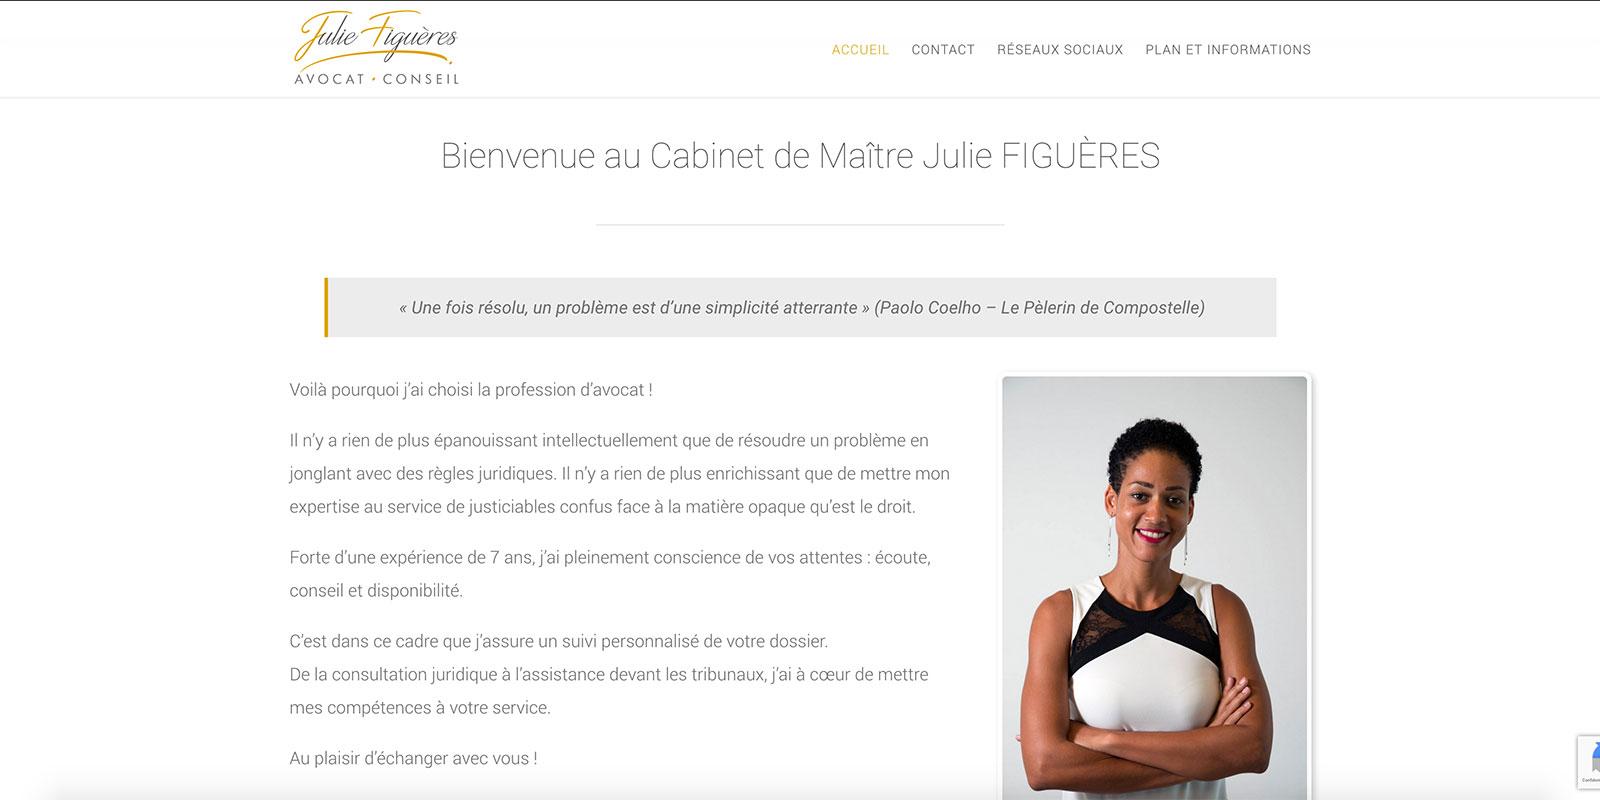 Référence -Site internet Julie Figuères - Netcom Agency - Communication numérique